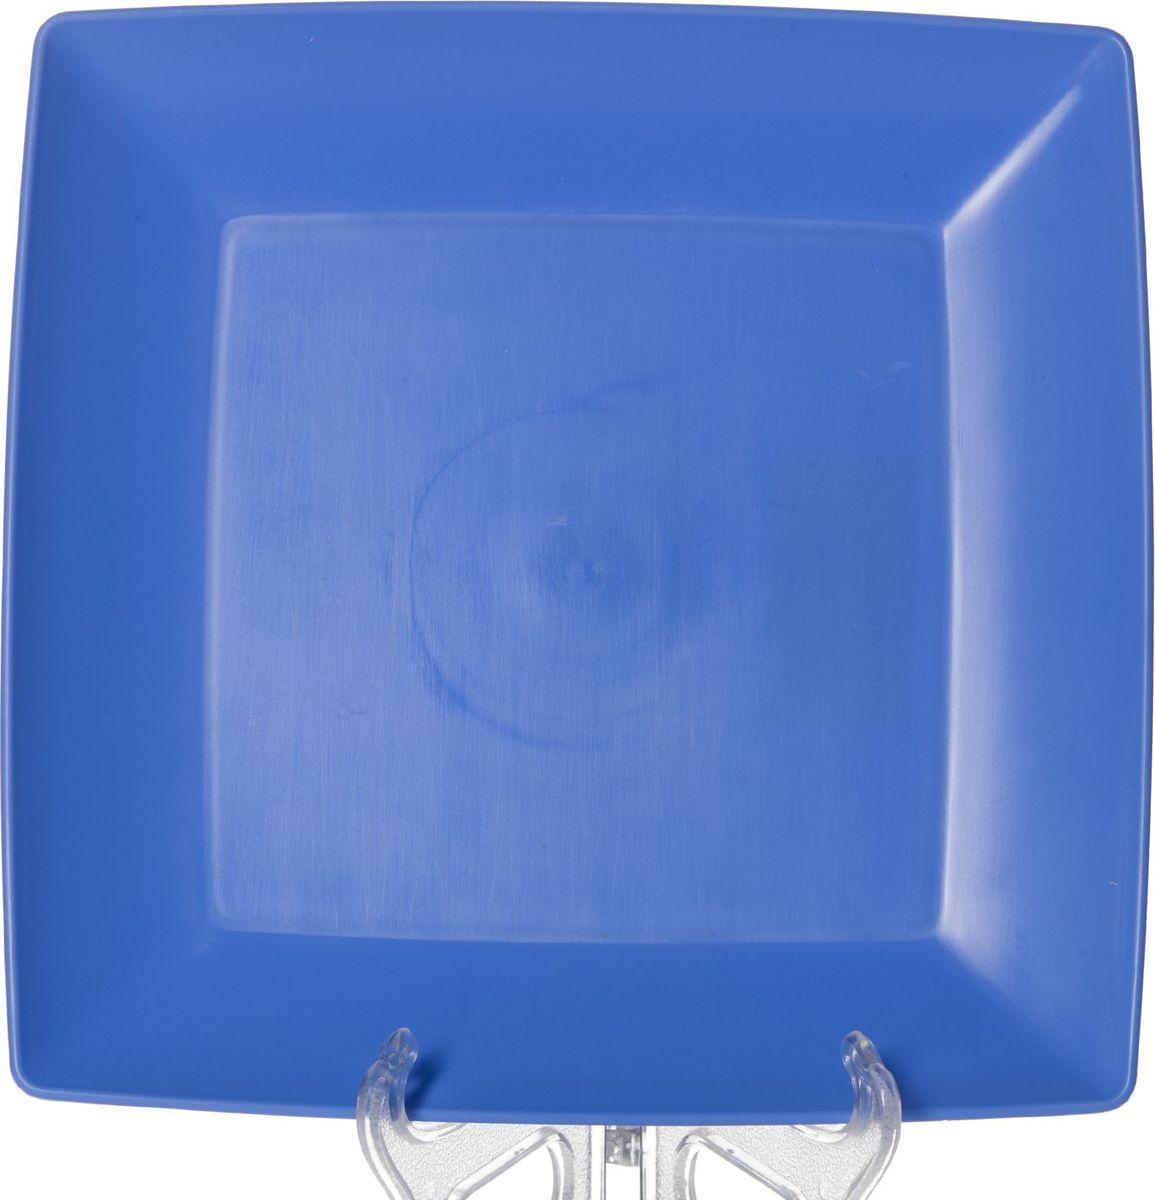 Тарелка мелкая Gotoff, 23,5 х 23,5 см. WTC-633WTC-633Тарелка квадратная мелкая 235*235*17